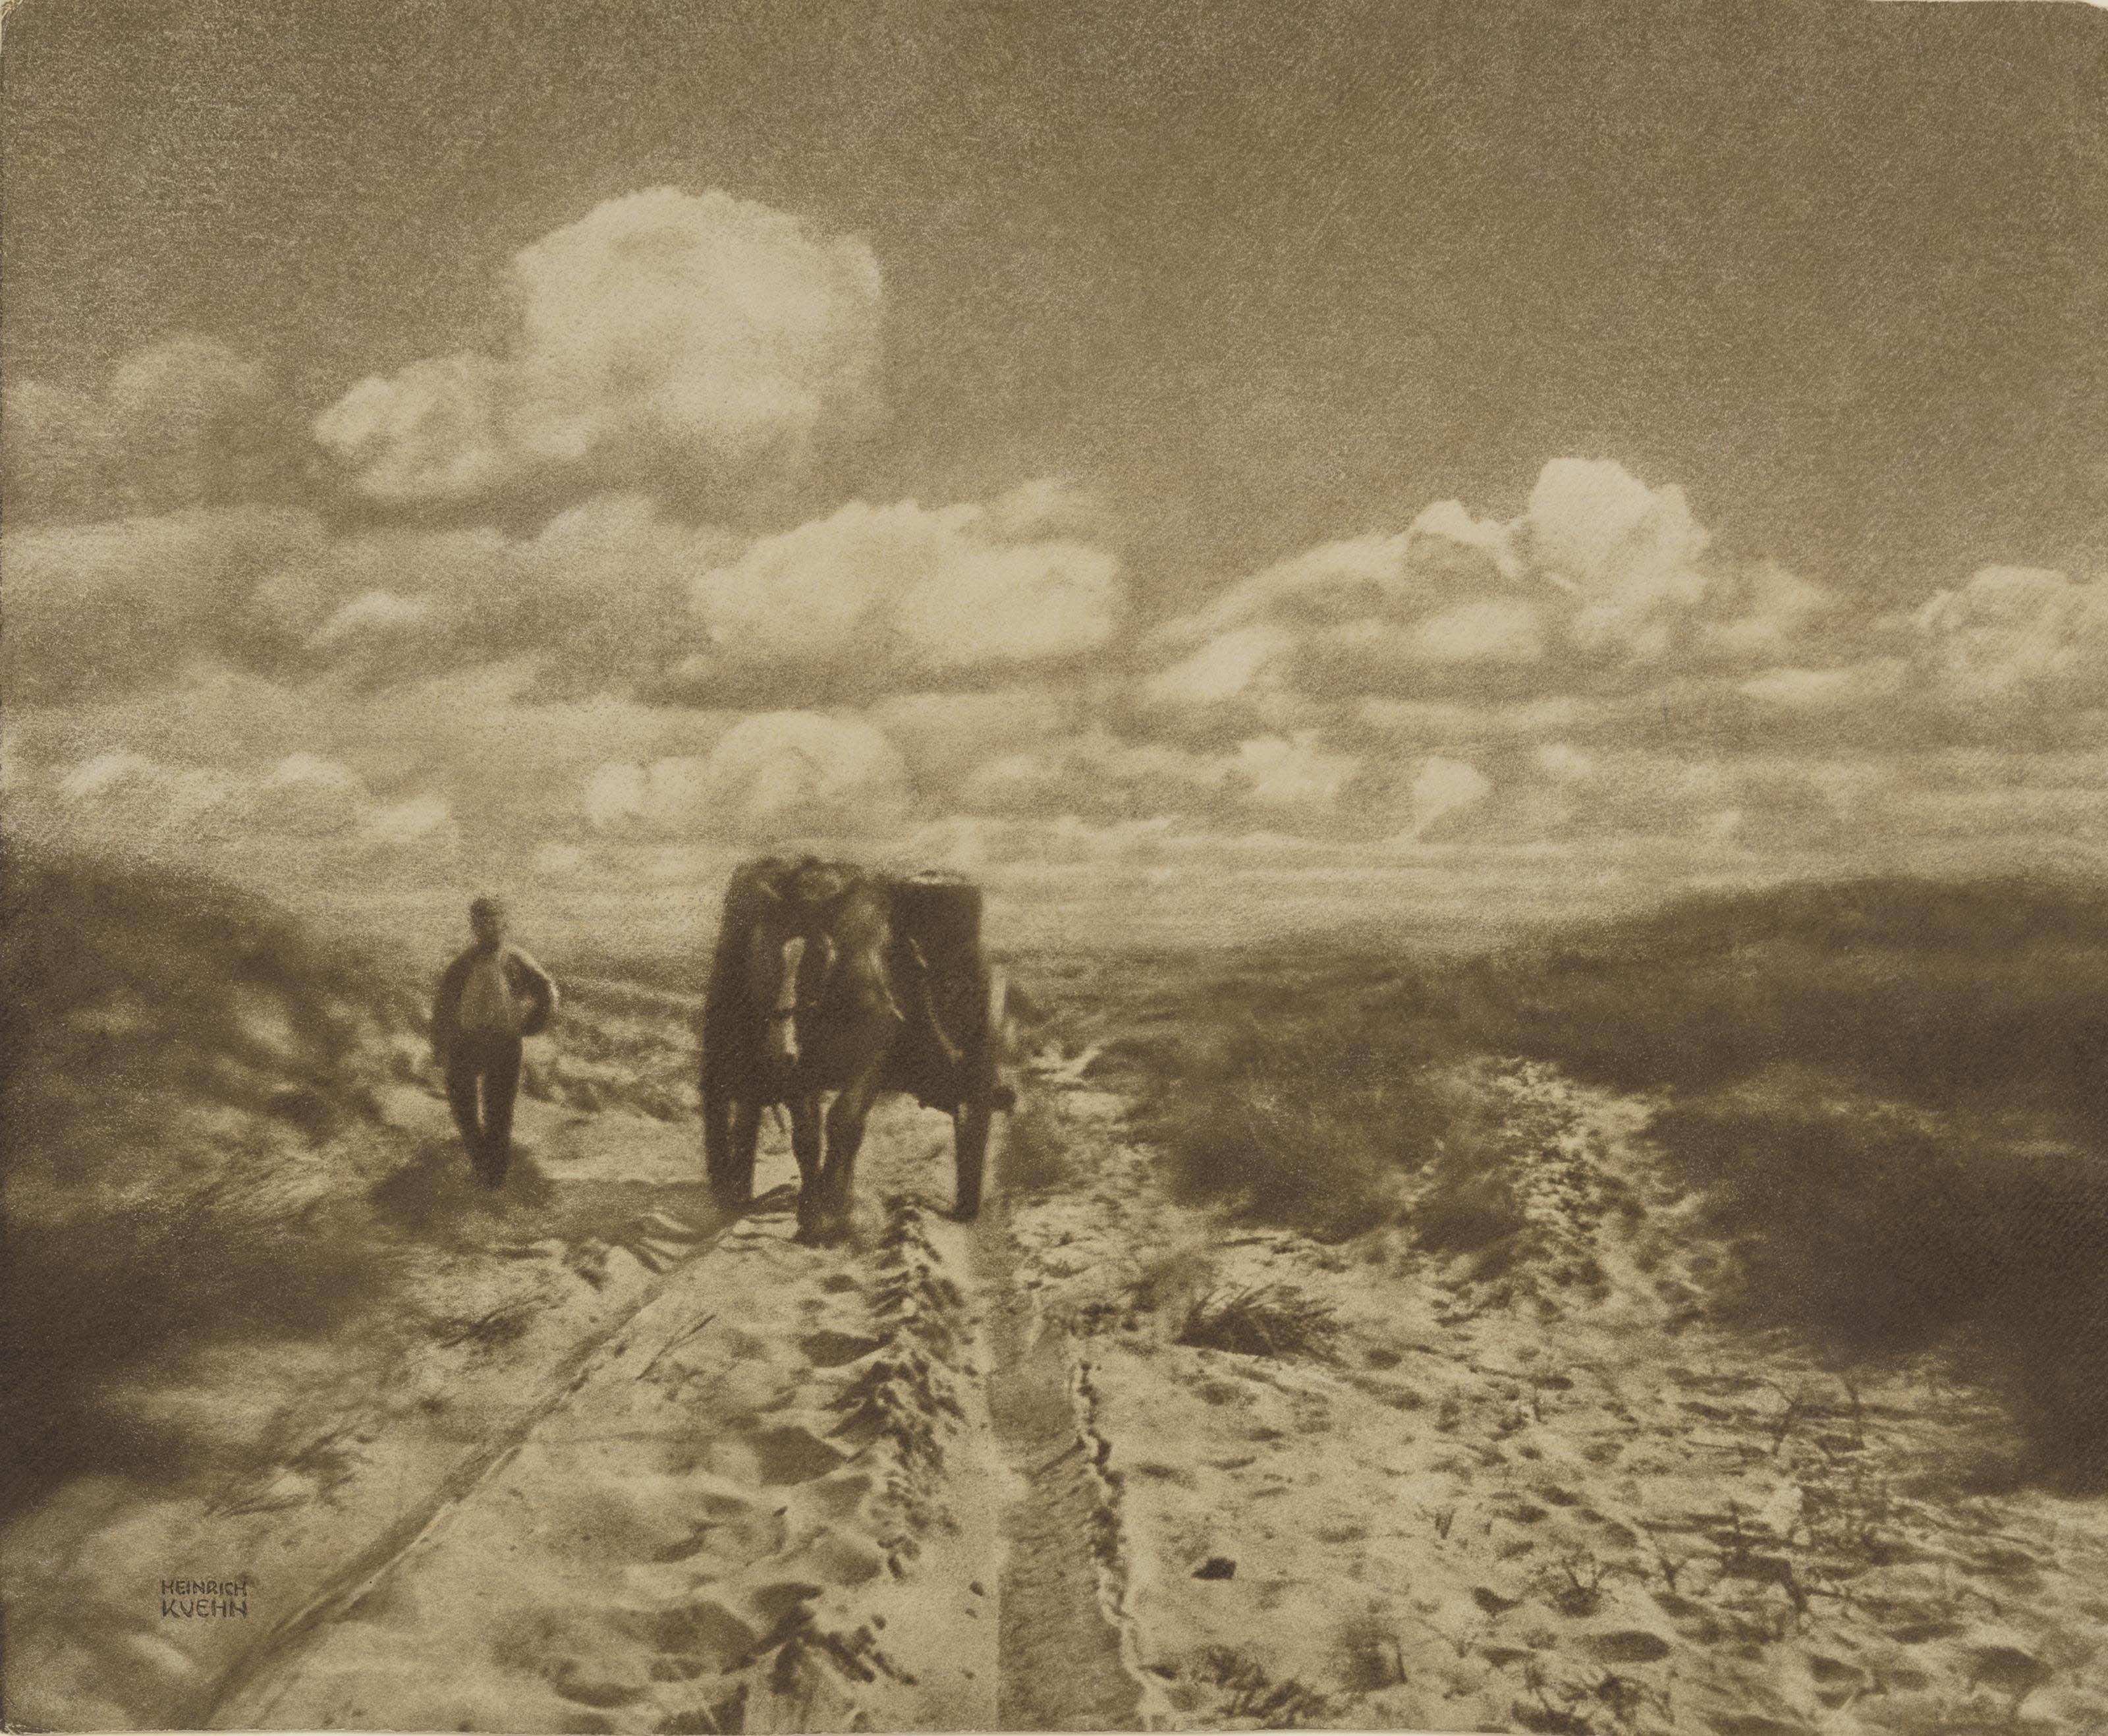 Landscape, c. 1910